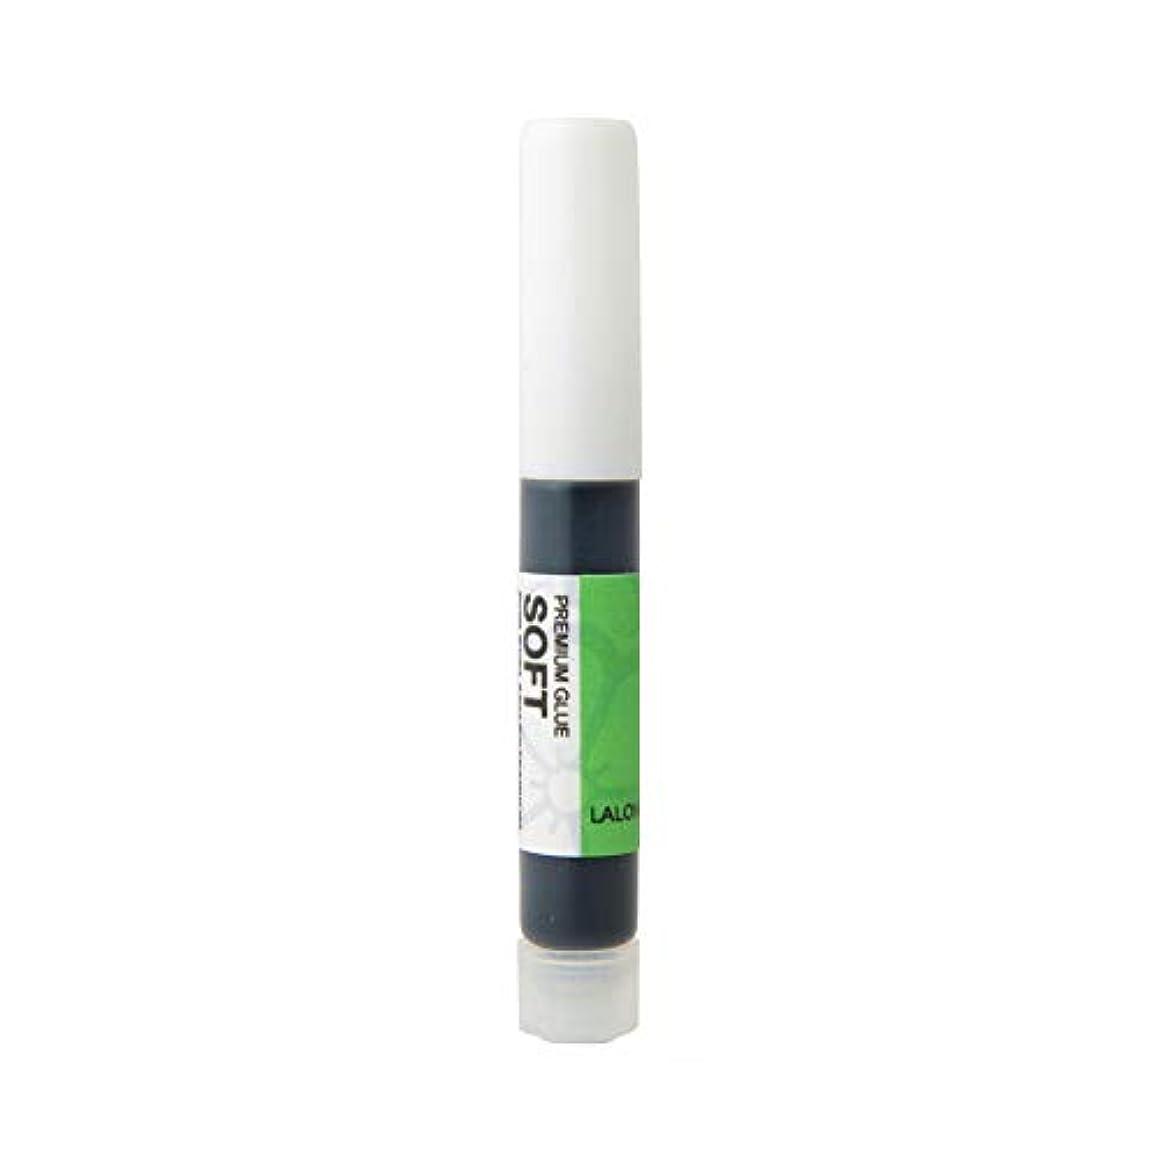 実用的蒸発するエキスパートまつげエクステ《目に沁みない低刺激グルー》LALONA プレミアムグルーソフト (2g)